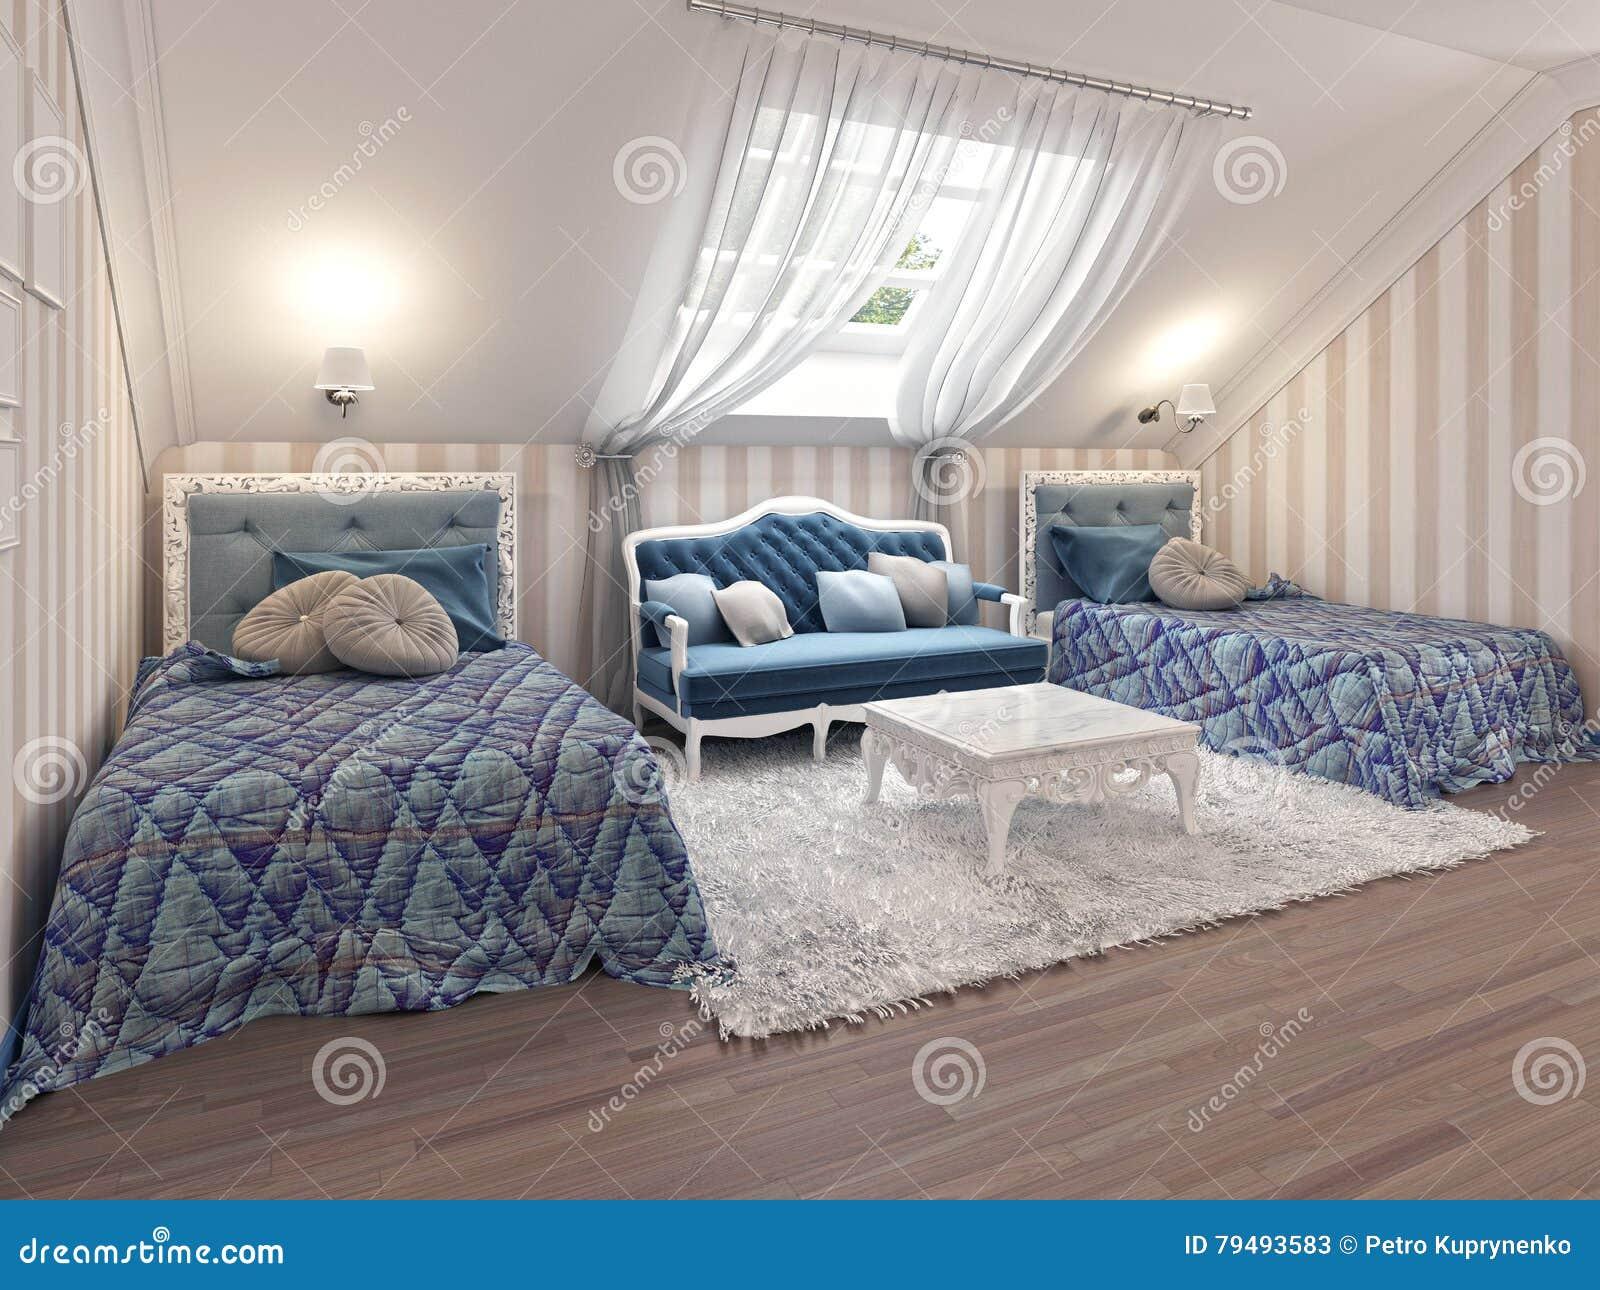 Camere Da Letto Lussuose Per Ragazze : Children di lusso camera da letto di s per due bambini con i